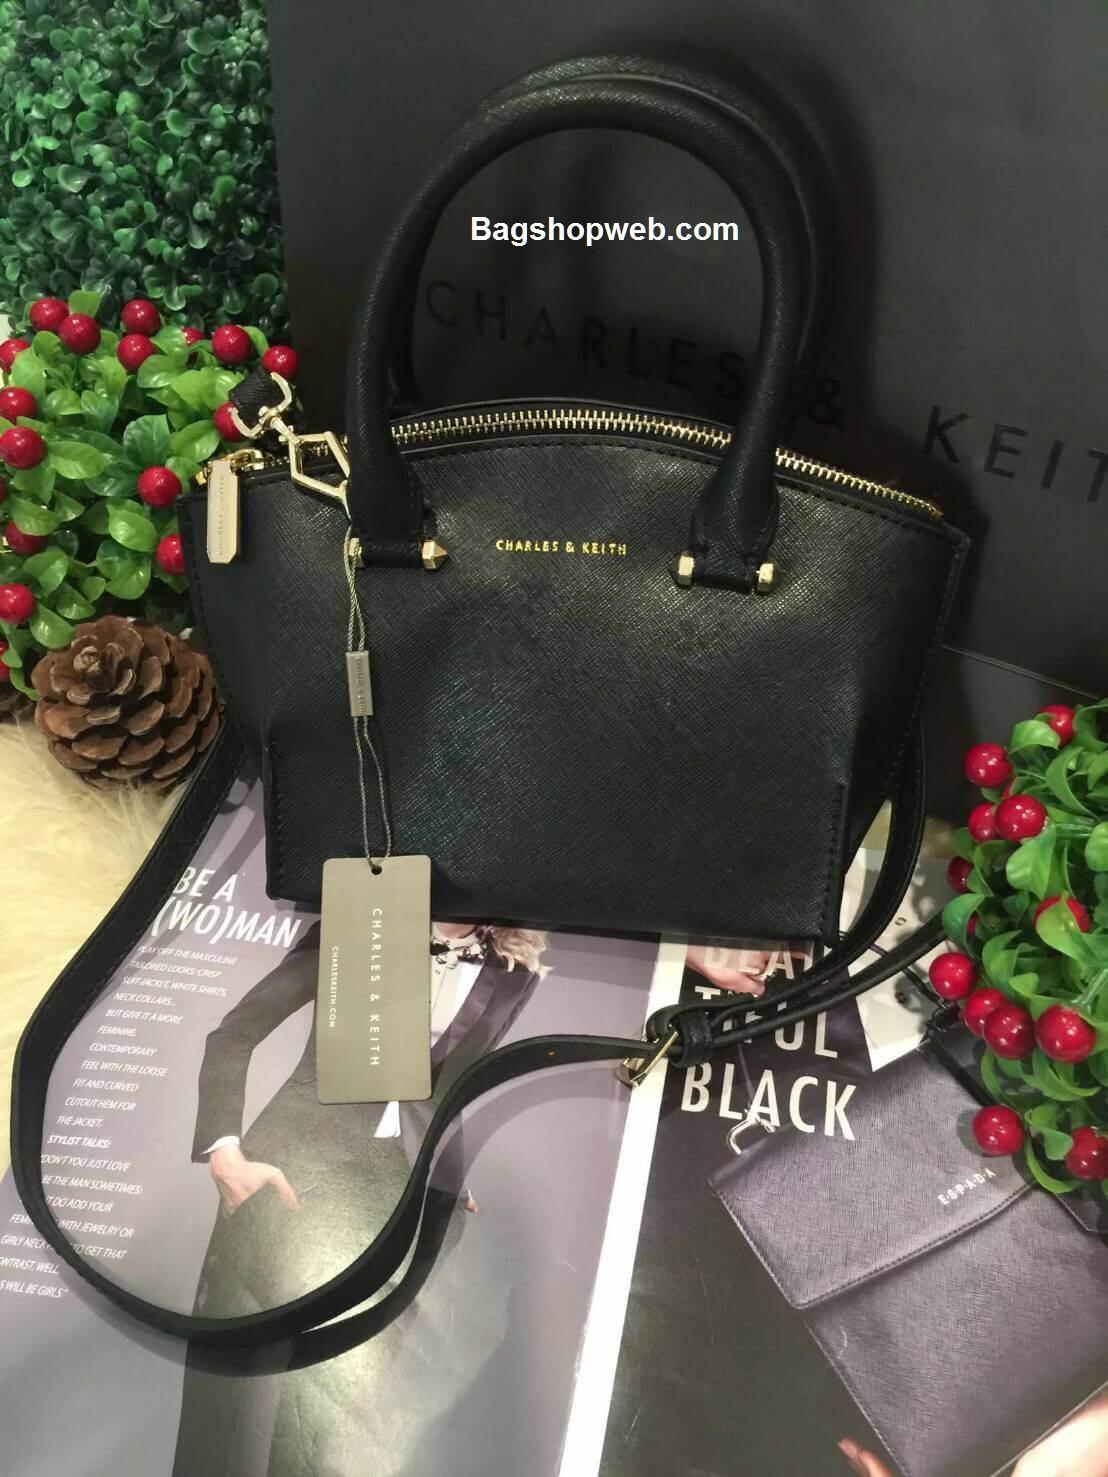 กระเป๋า CHARLES & KEITH TRAPEZE CITY BAG 2016 กระเป๋าถือหรือสะพายหนัง Saffiano